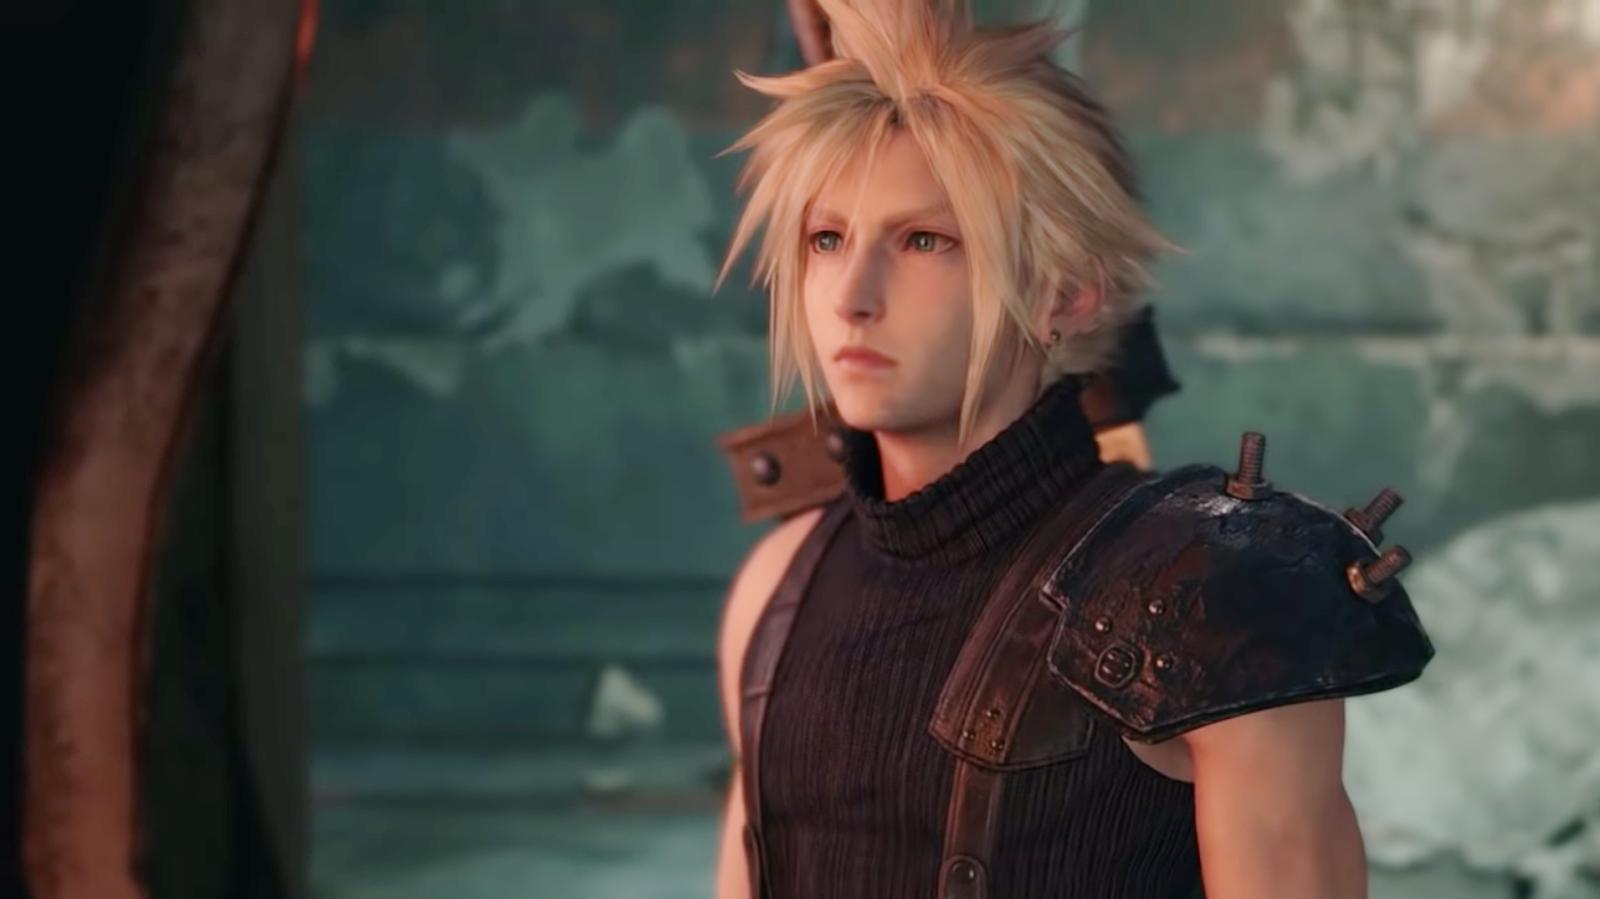 Final Fantasy VII Remake Demo Leaks Online, Dataminers Unveil More Details